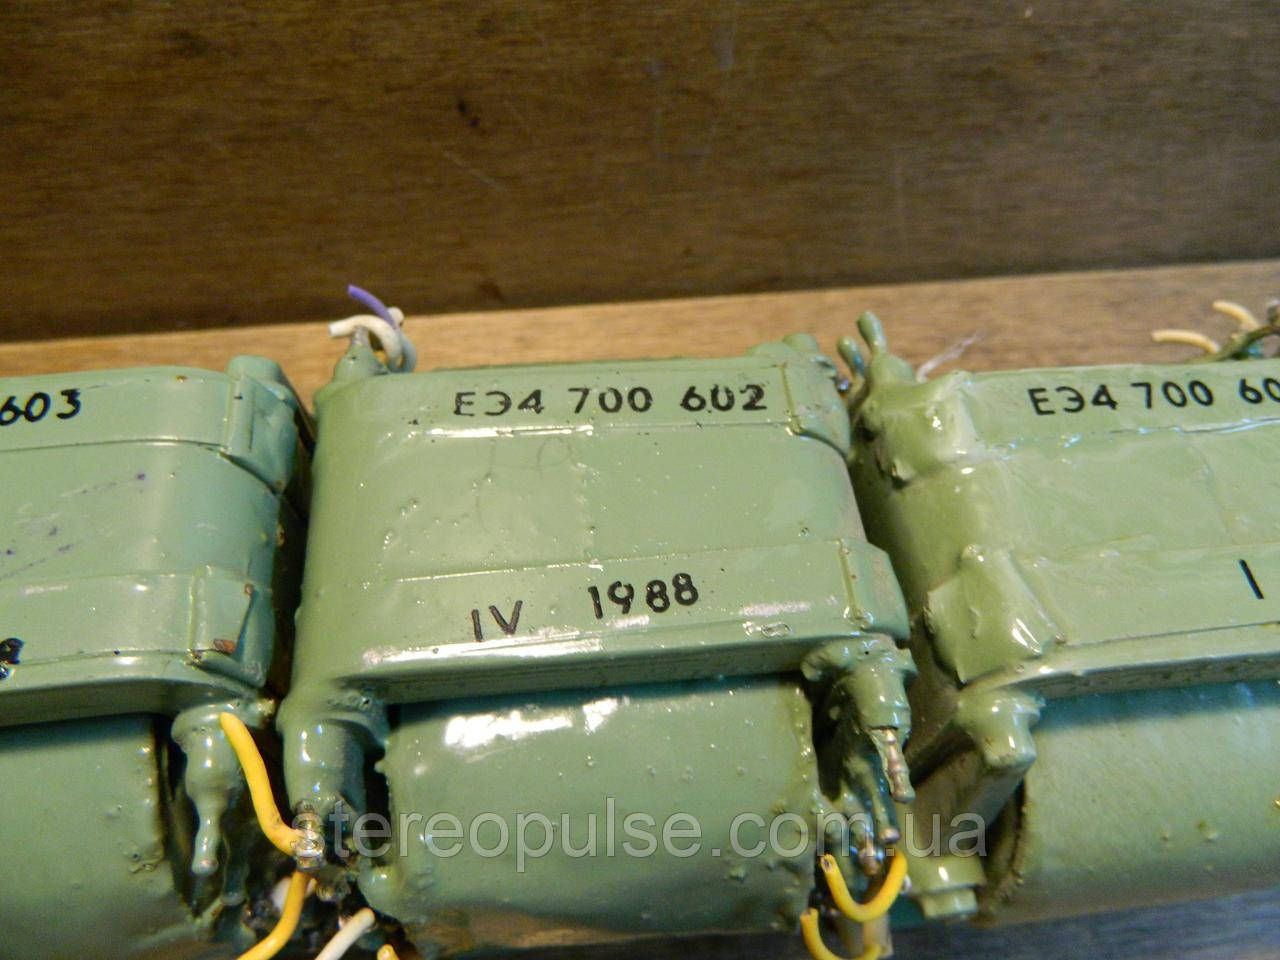 Трансформатор ЕЭ4.704.602 .